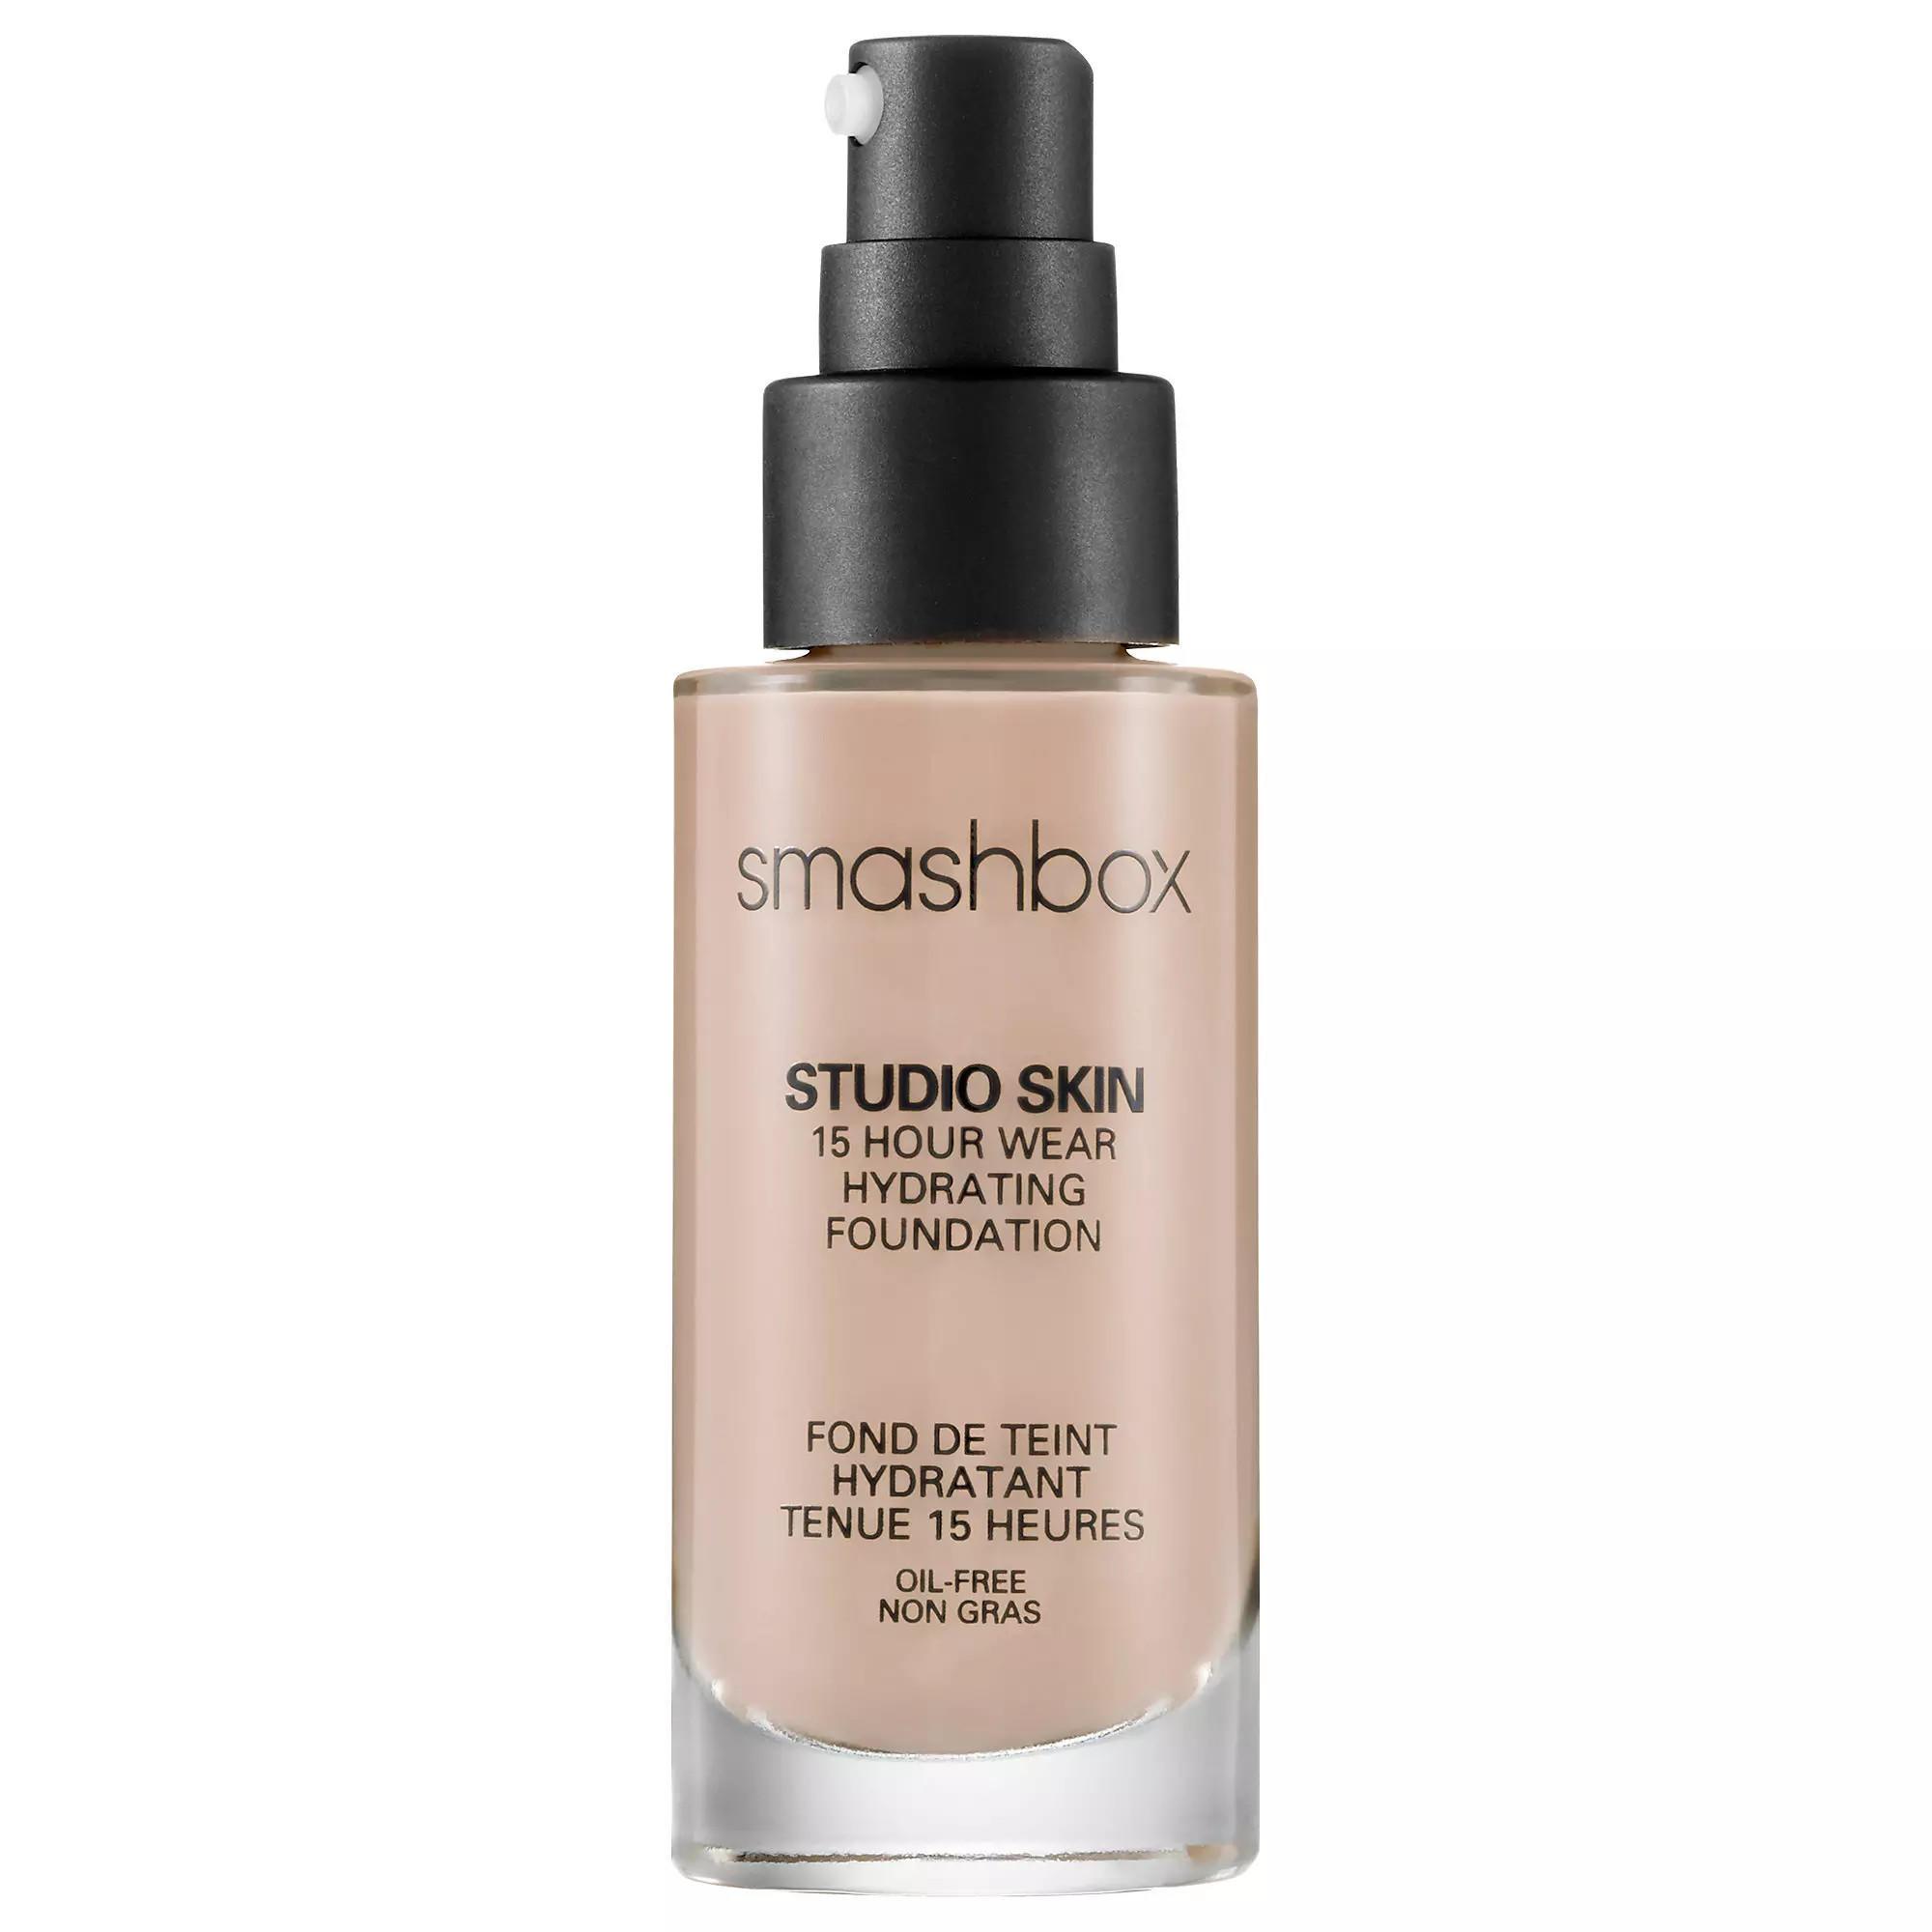 Smashbox Studio Skin 15 Hour Hydrating Foundation 0.5